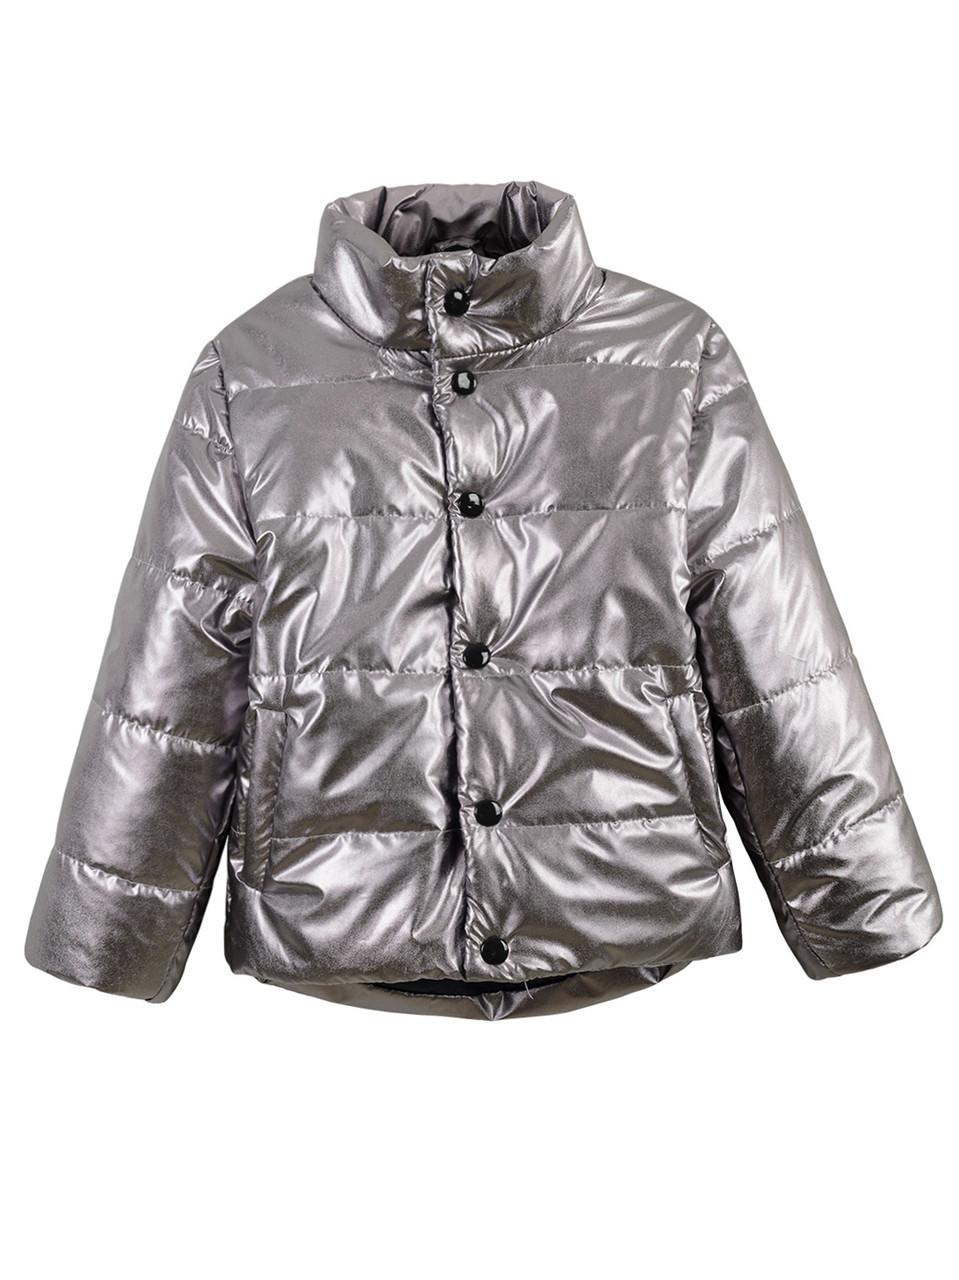 Детская демисезонная куртка на девочку, серебро, р.116,128